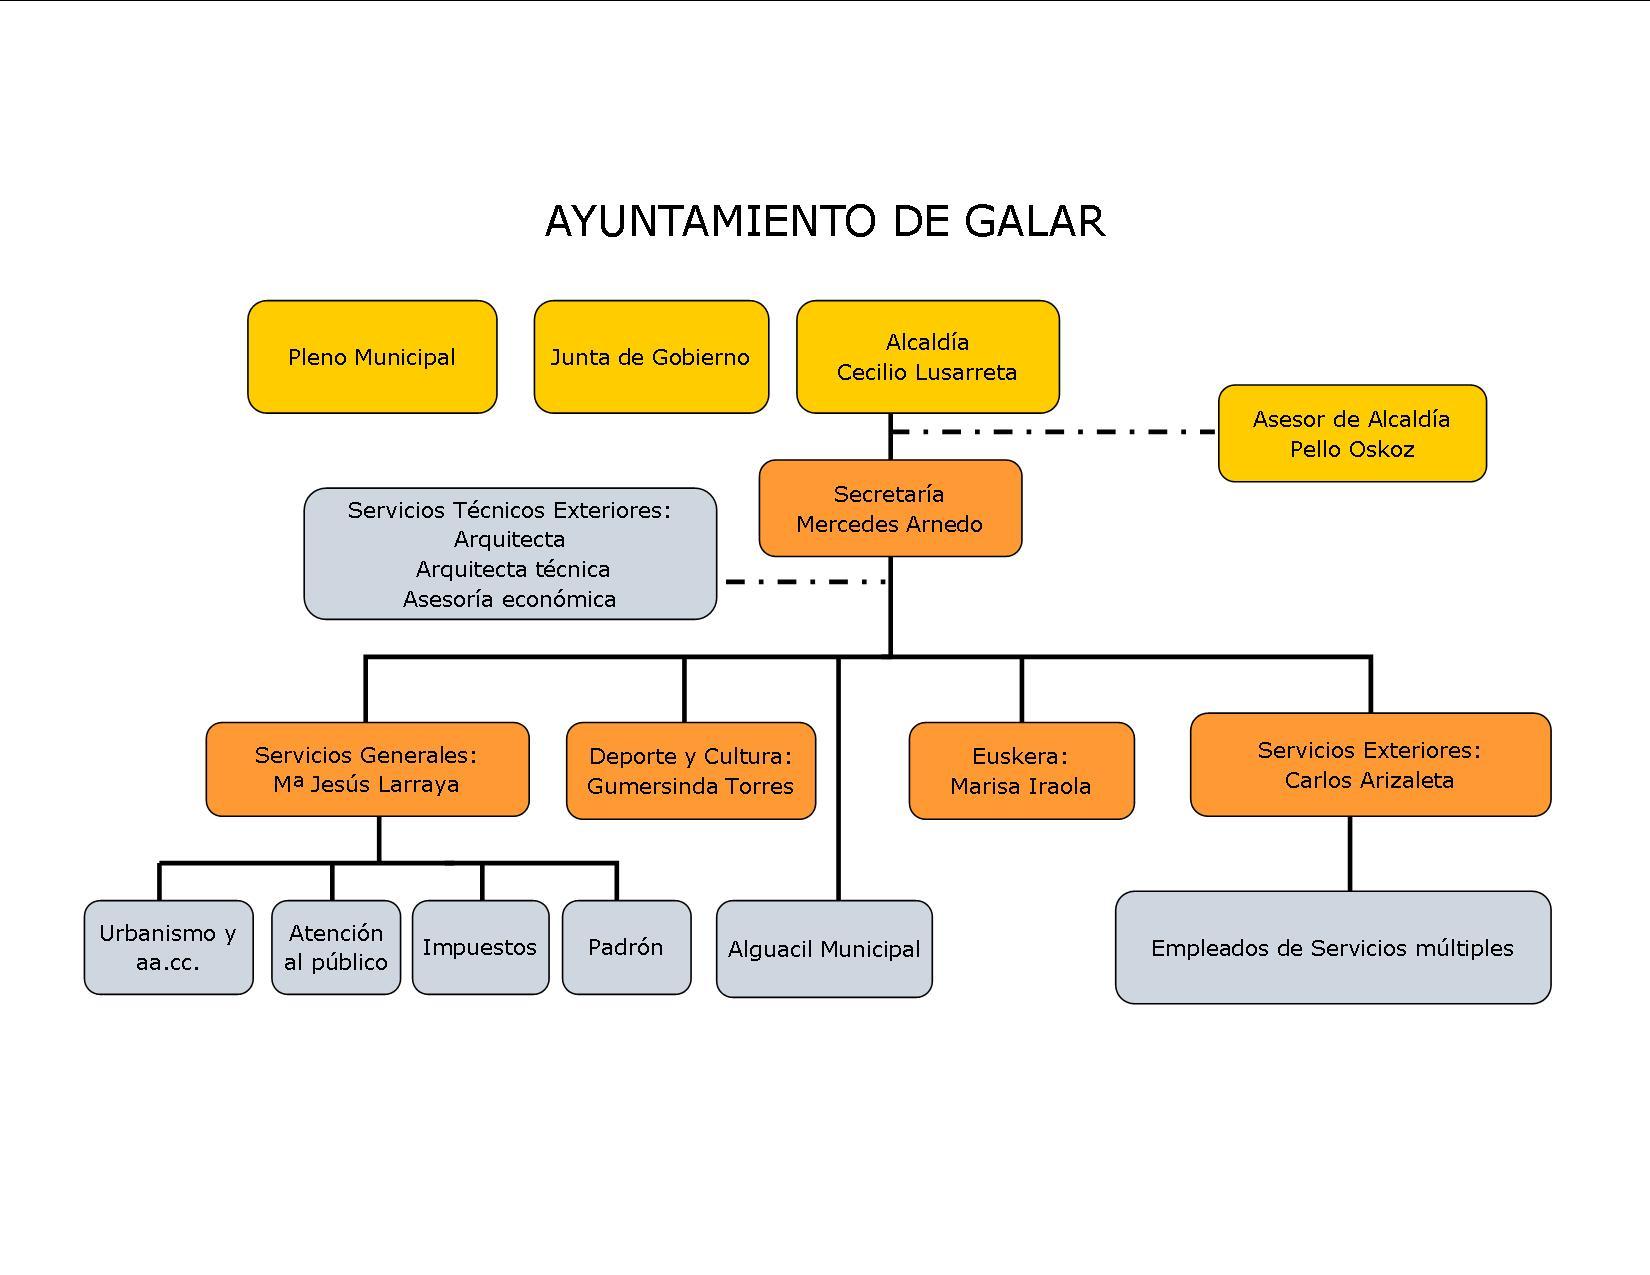 Organigrama Municipal Ayuntamiento Galar